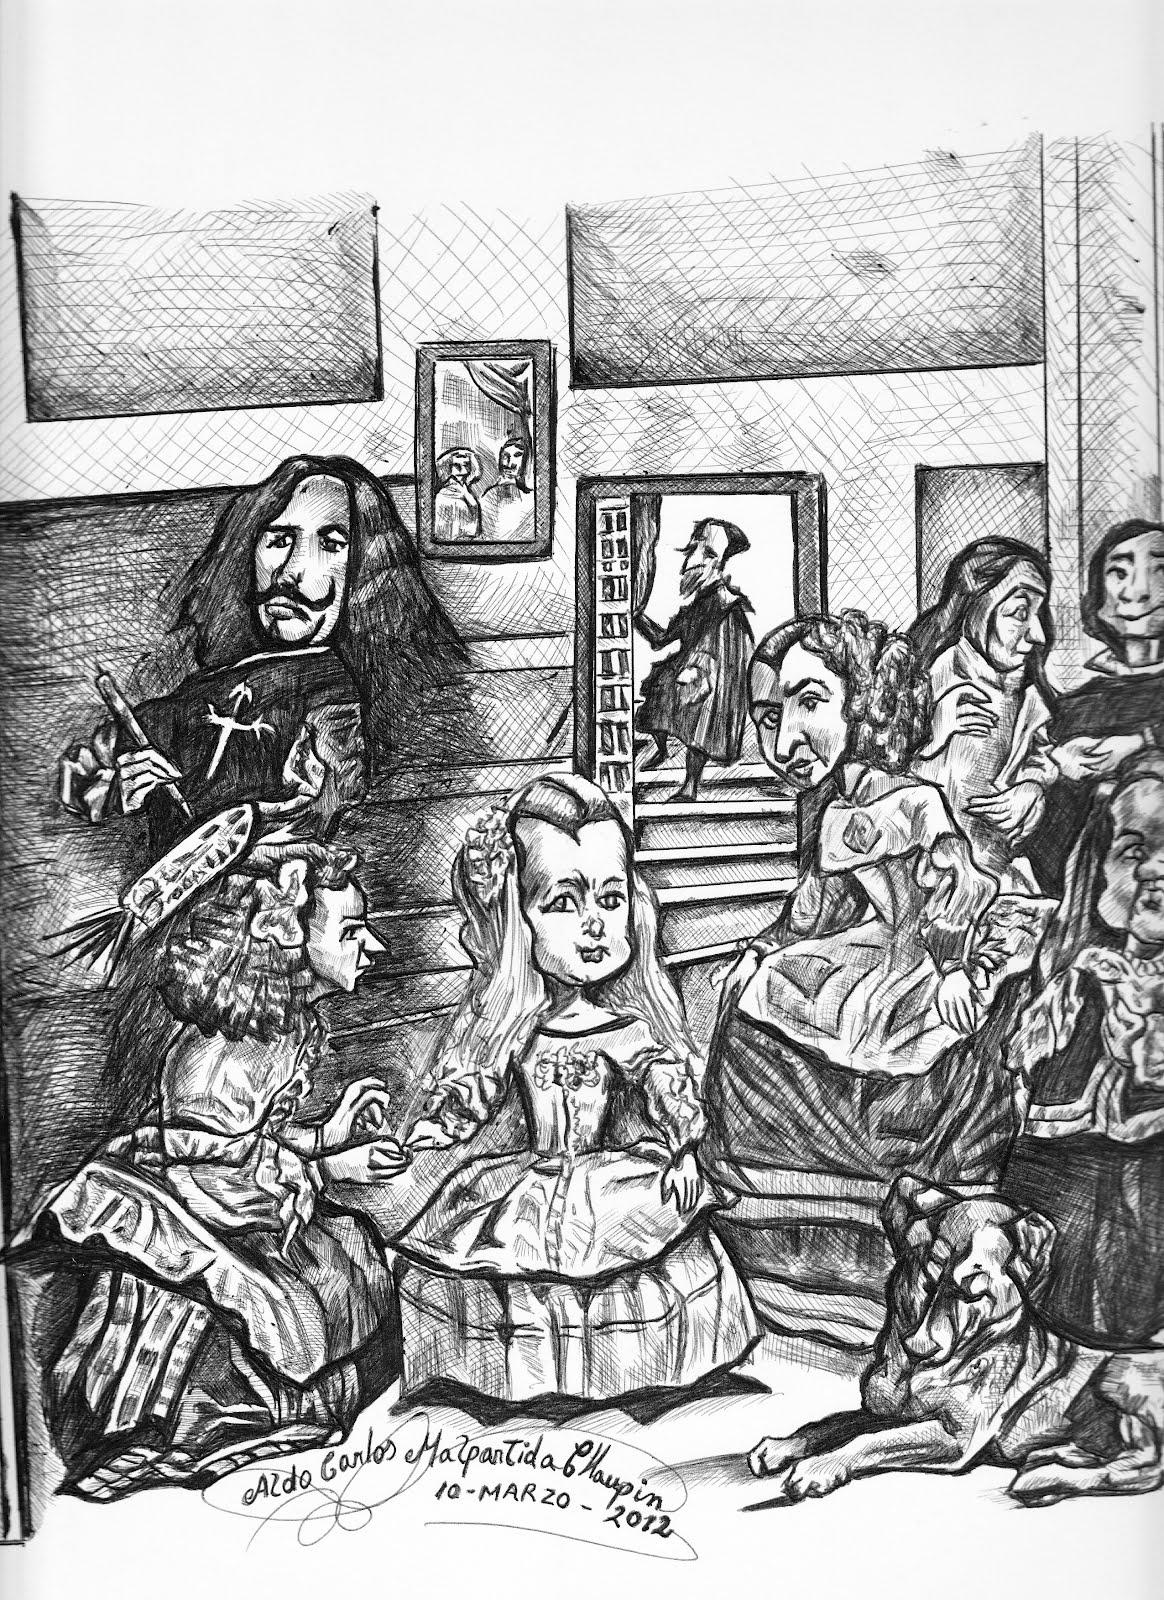 """Aldo Dibujo Pintura y Artes: Caricatura del Cuadro: """"Las Meninas ..."""